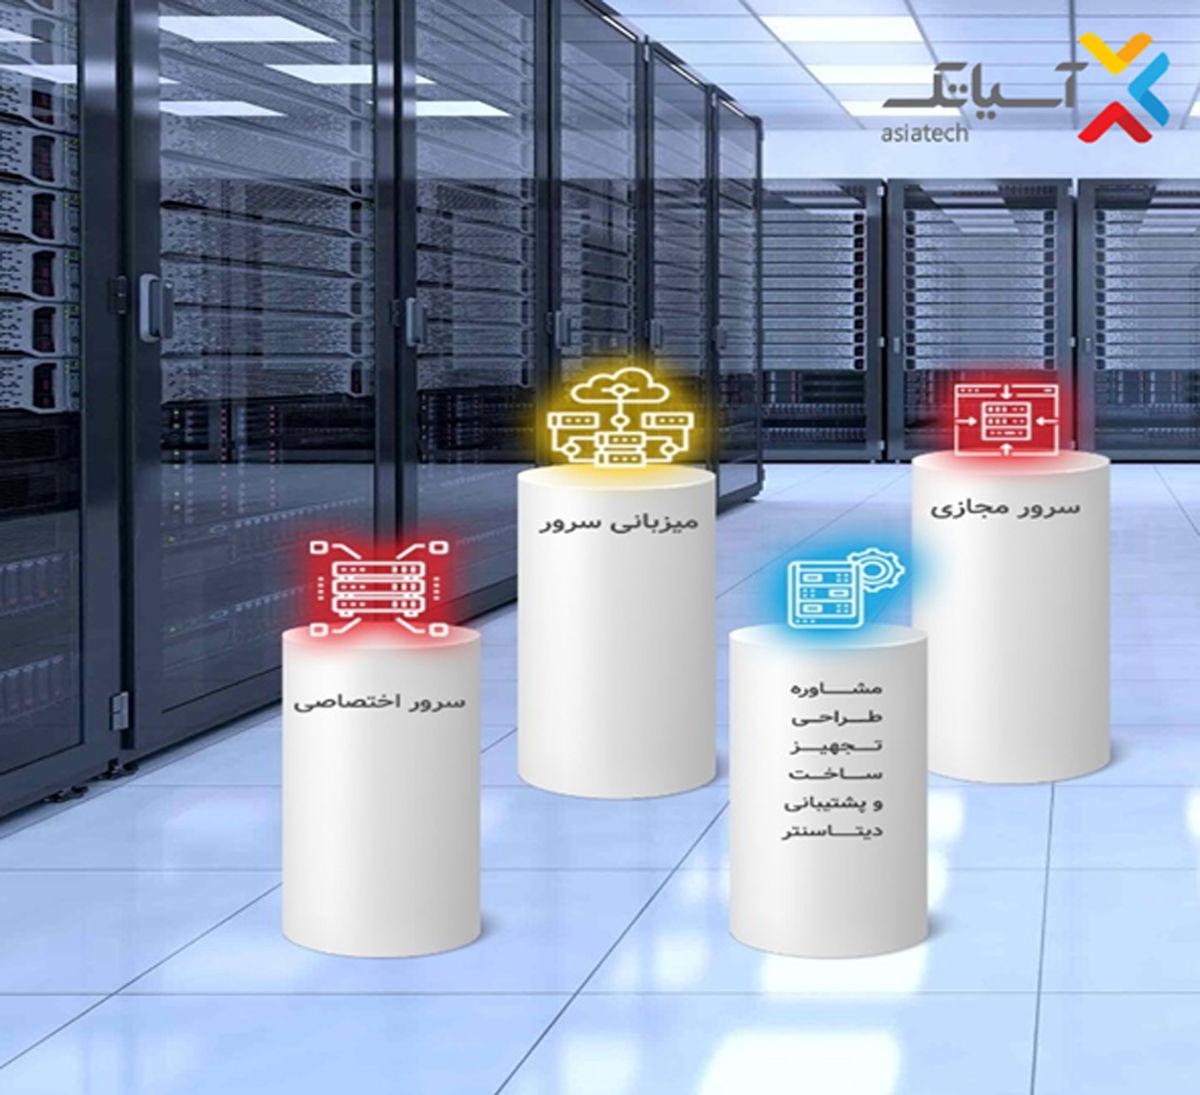 خدمات حوزه  IDC آسیاتک